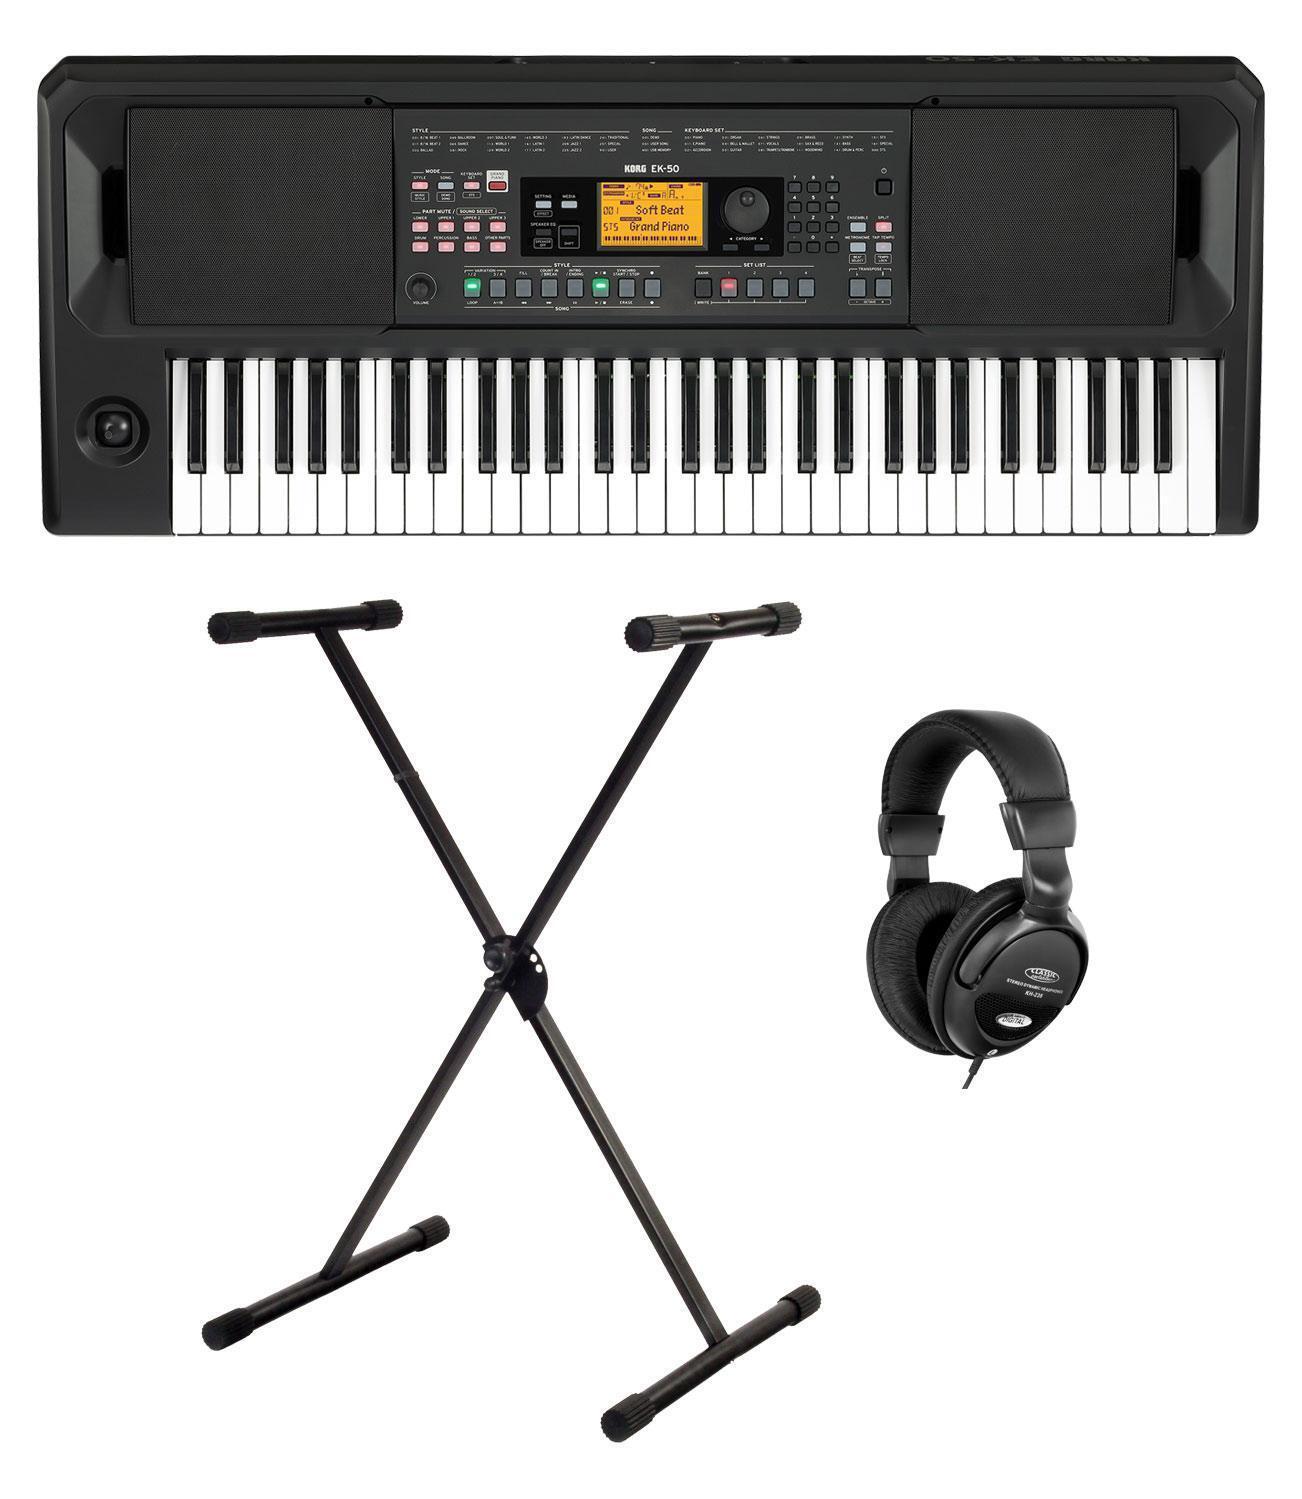 Geniales Entertainer Set mit 61-Tasten-Keyboard, X-Keyboardständer & Kopfhörer